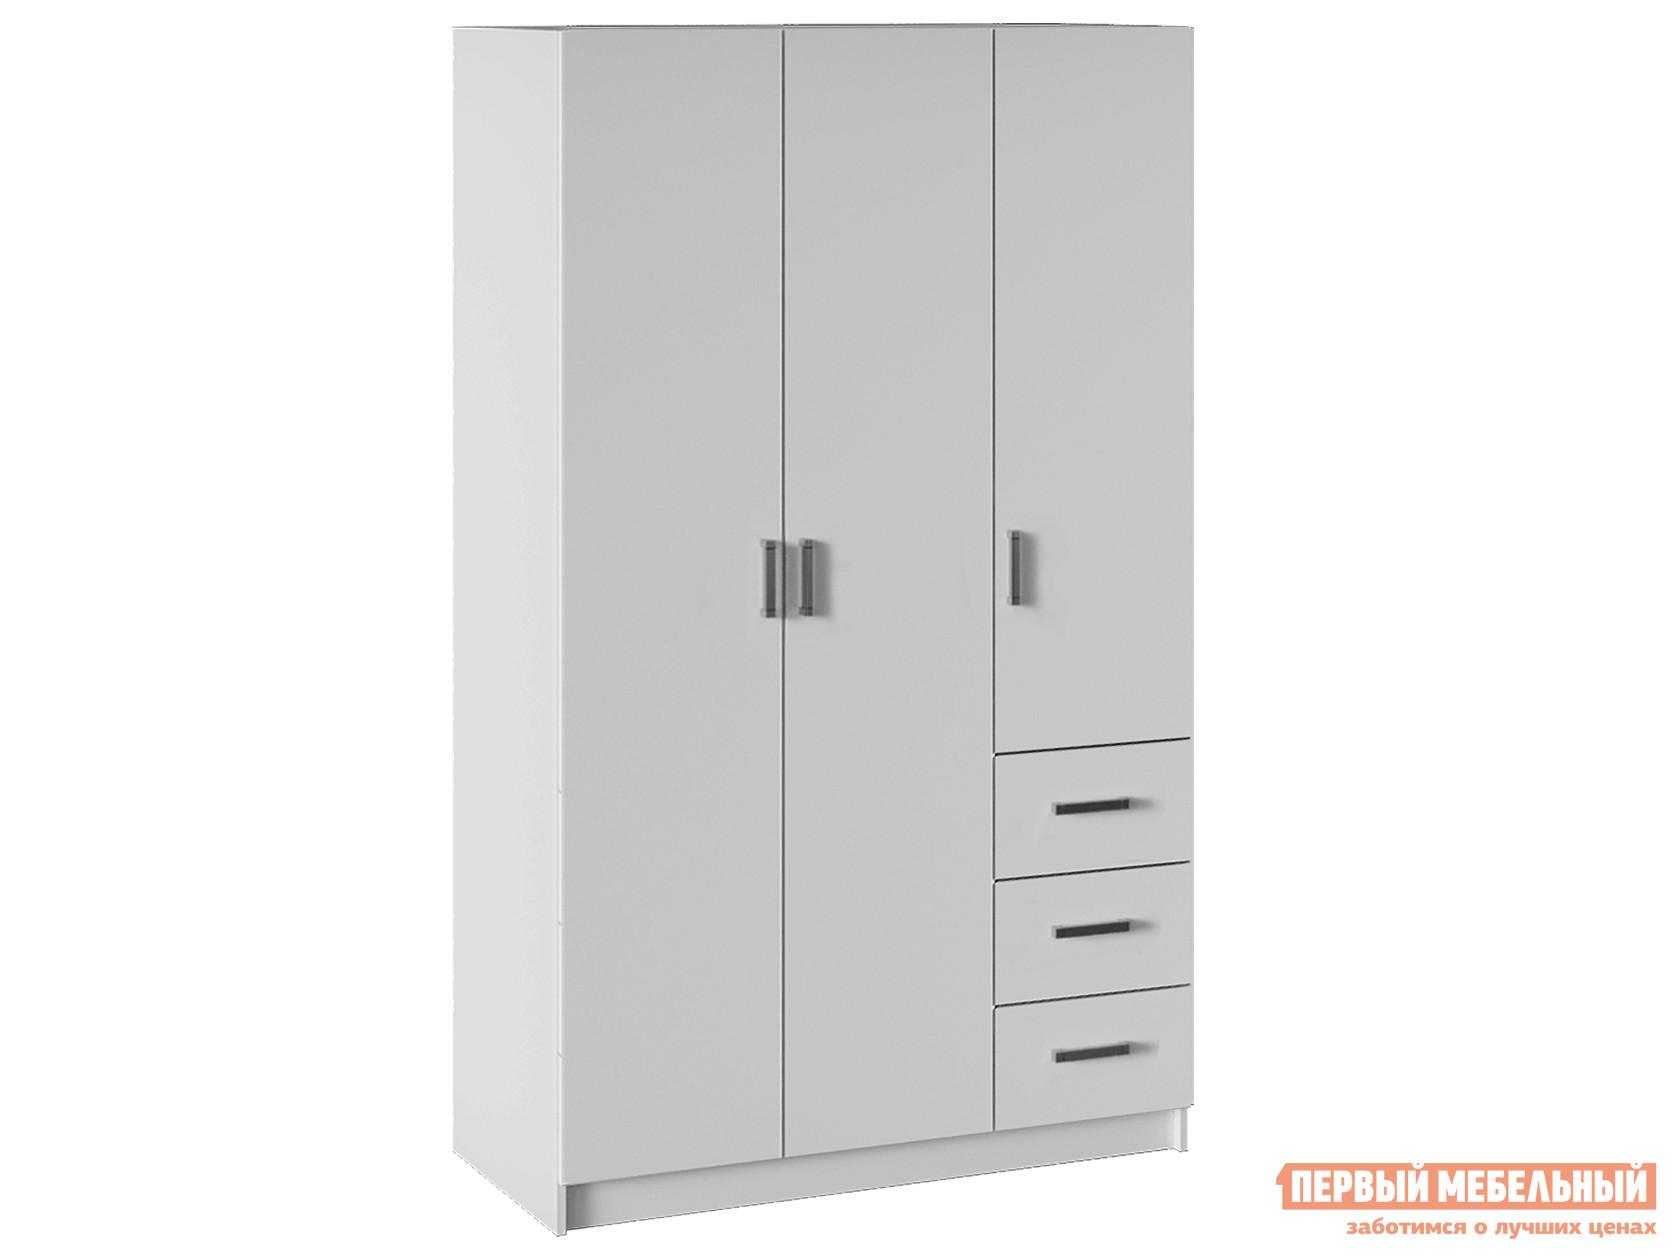 Распашной шкаф  Лофт 3-х дв. с ящиками Белый НКМ 55083